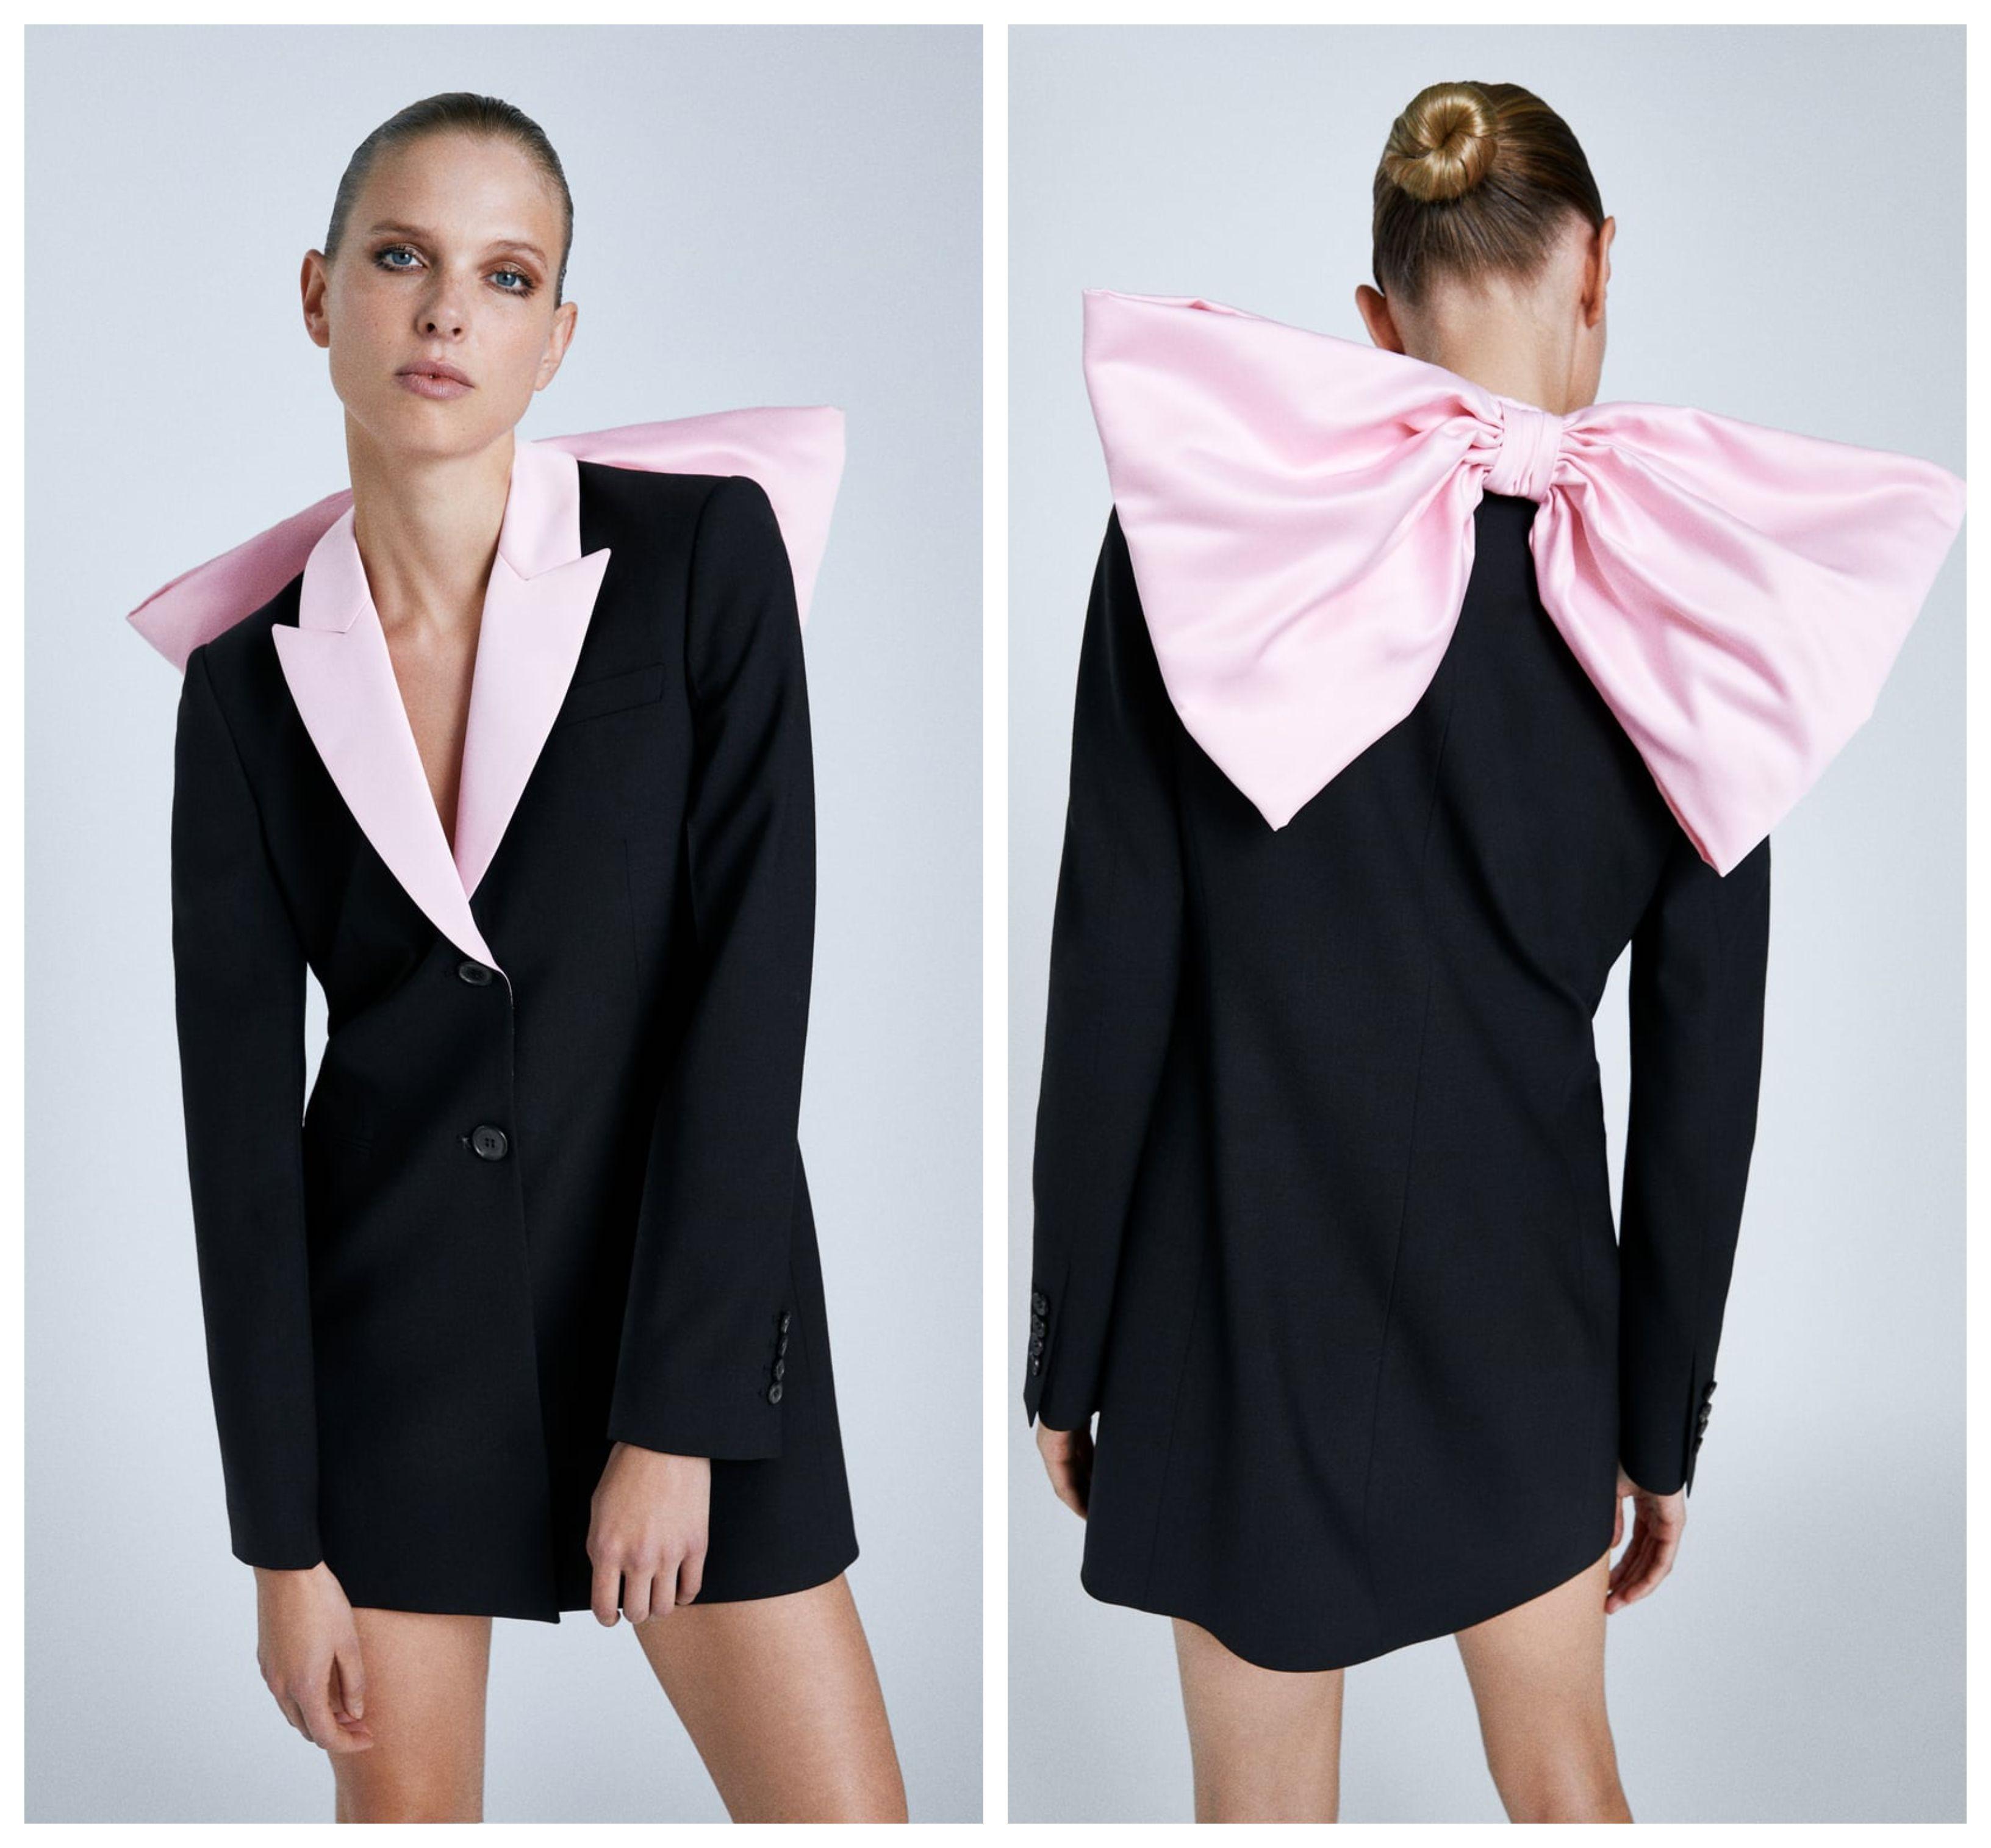 Mala crna haljina u novom ruhu! Ova Zarina haljina oduševit će vas na prvi pogled!